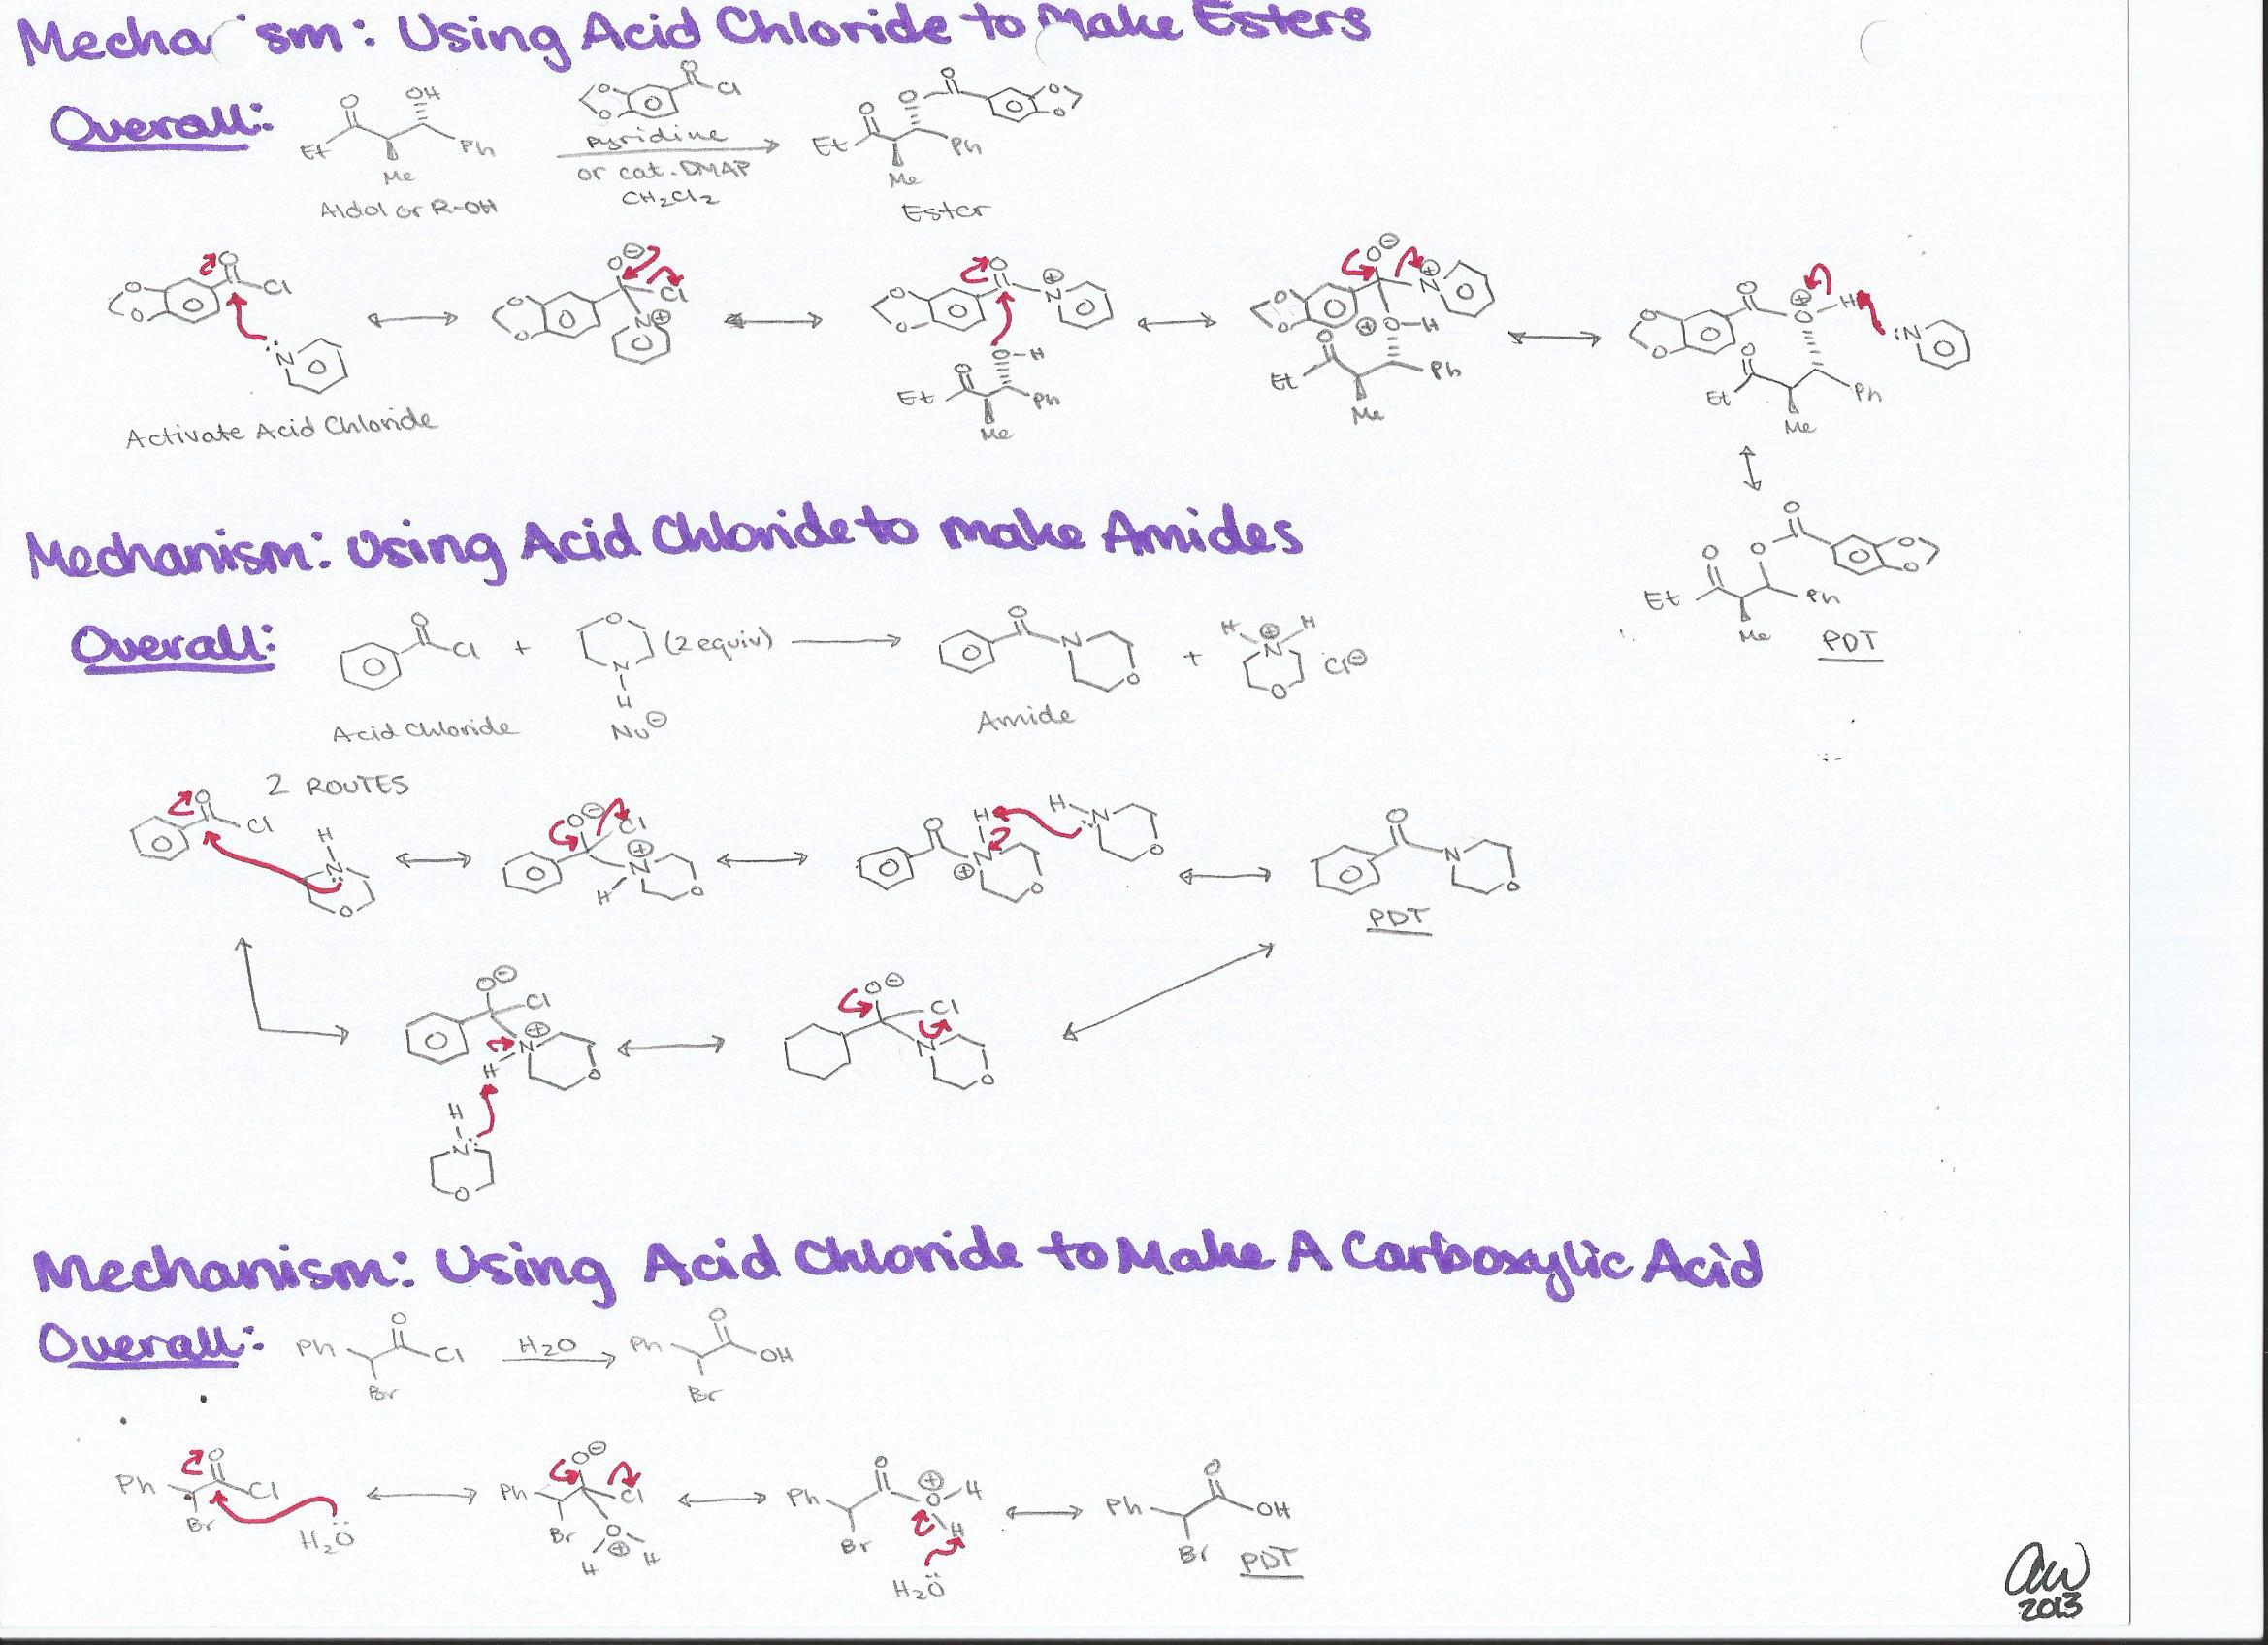 Grignard metathesis method